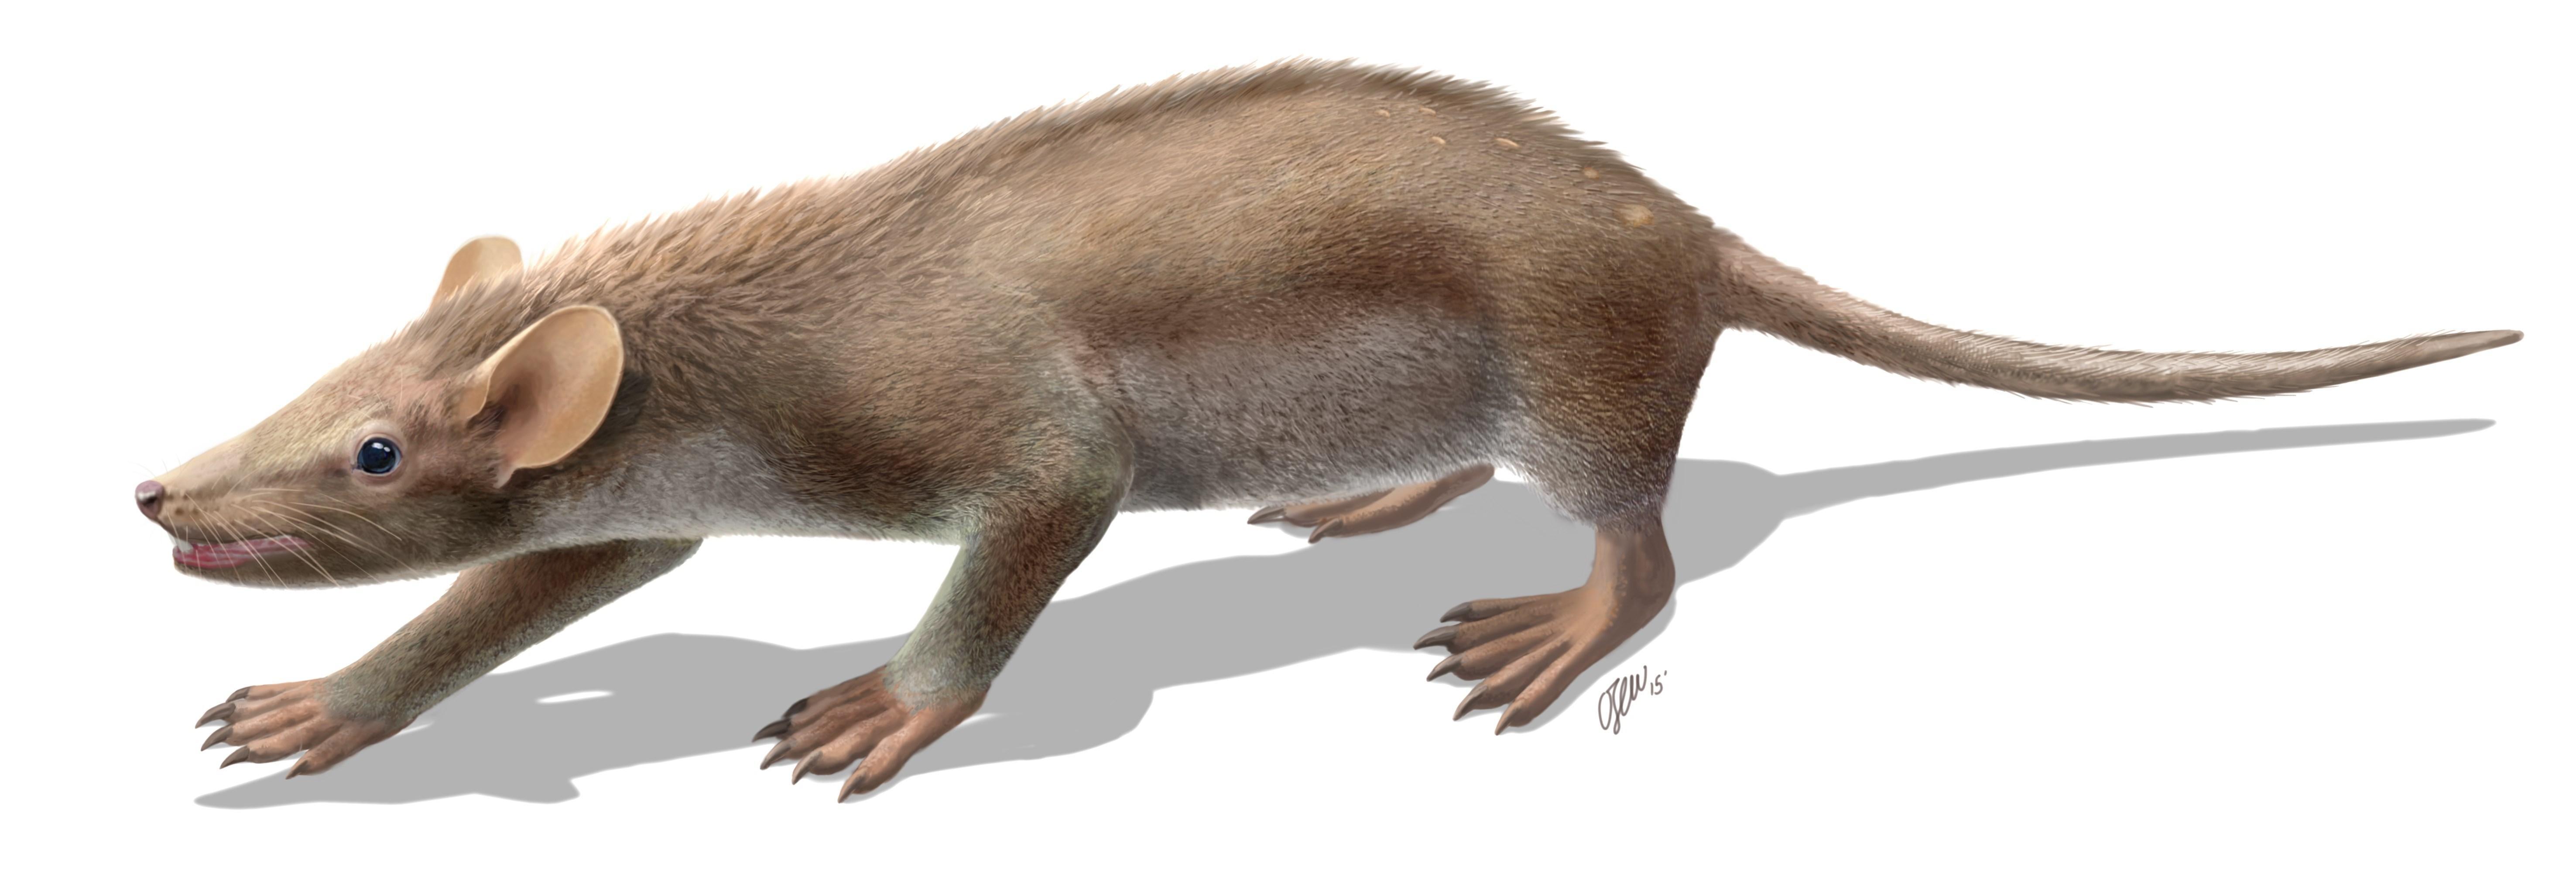 Млекопитающие едва не вымерли вместе с динозаврами